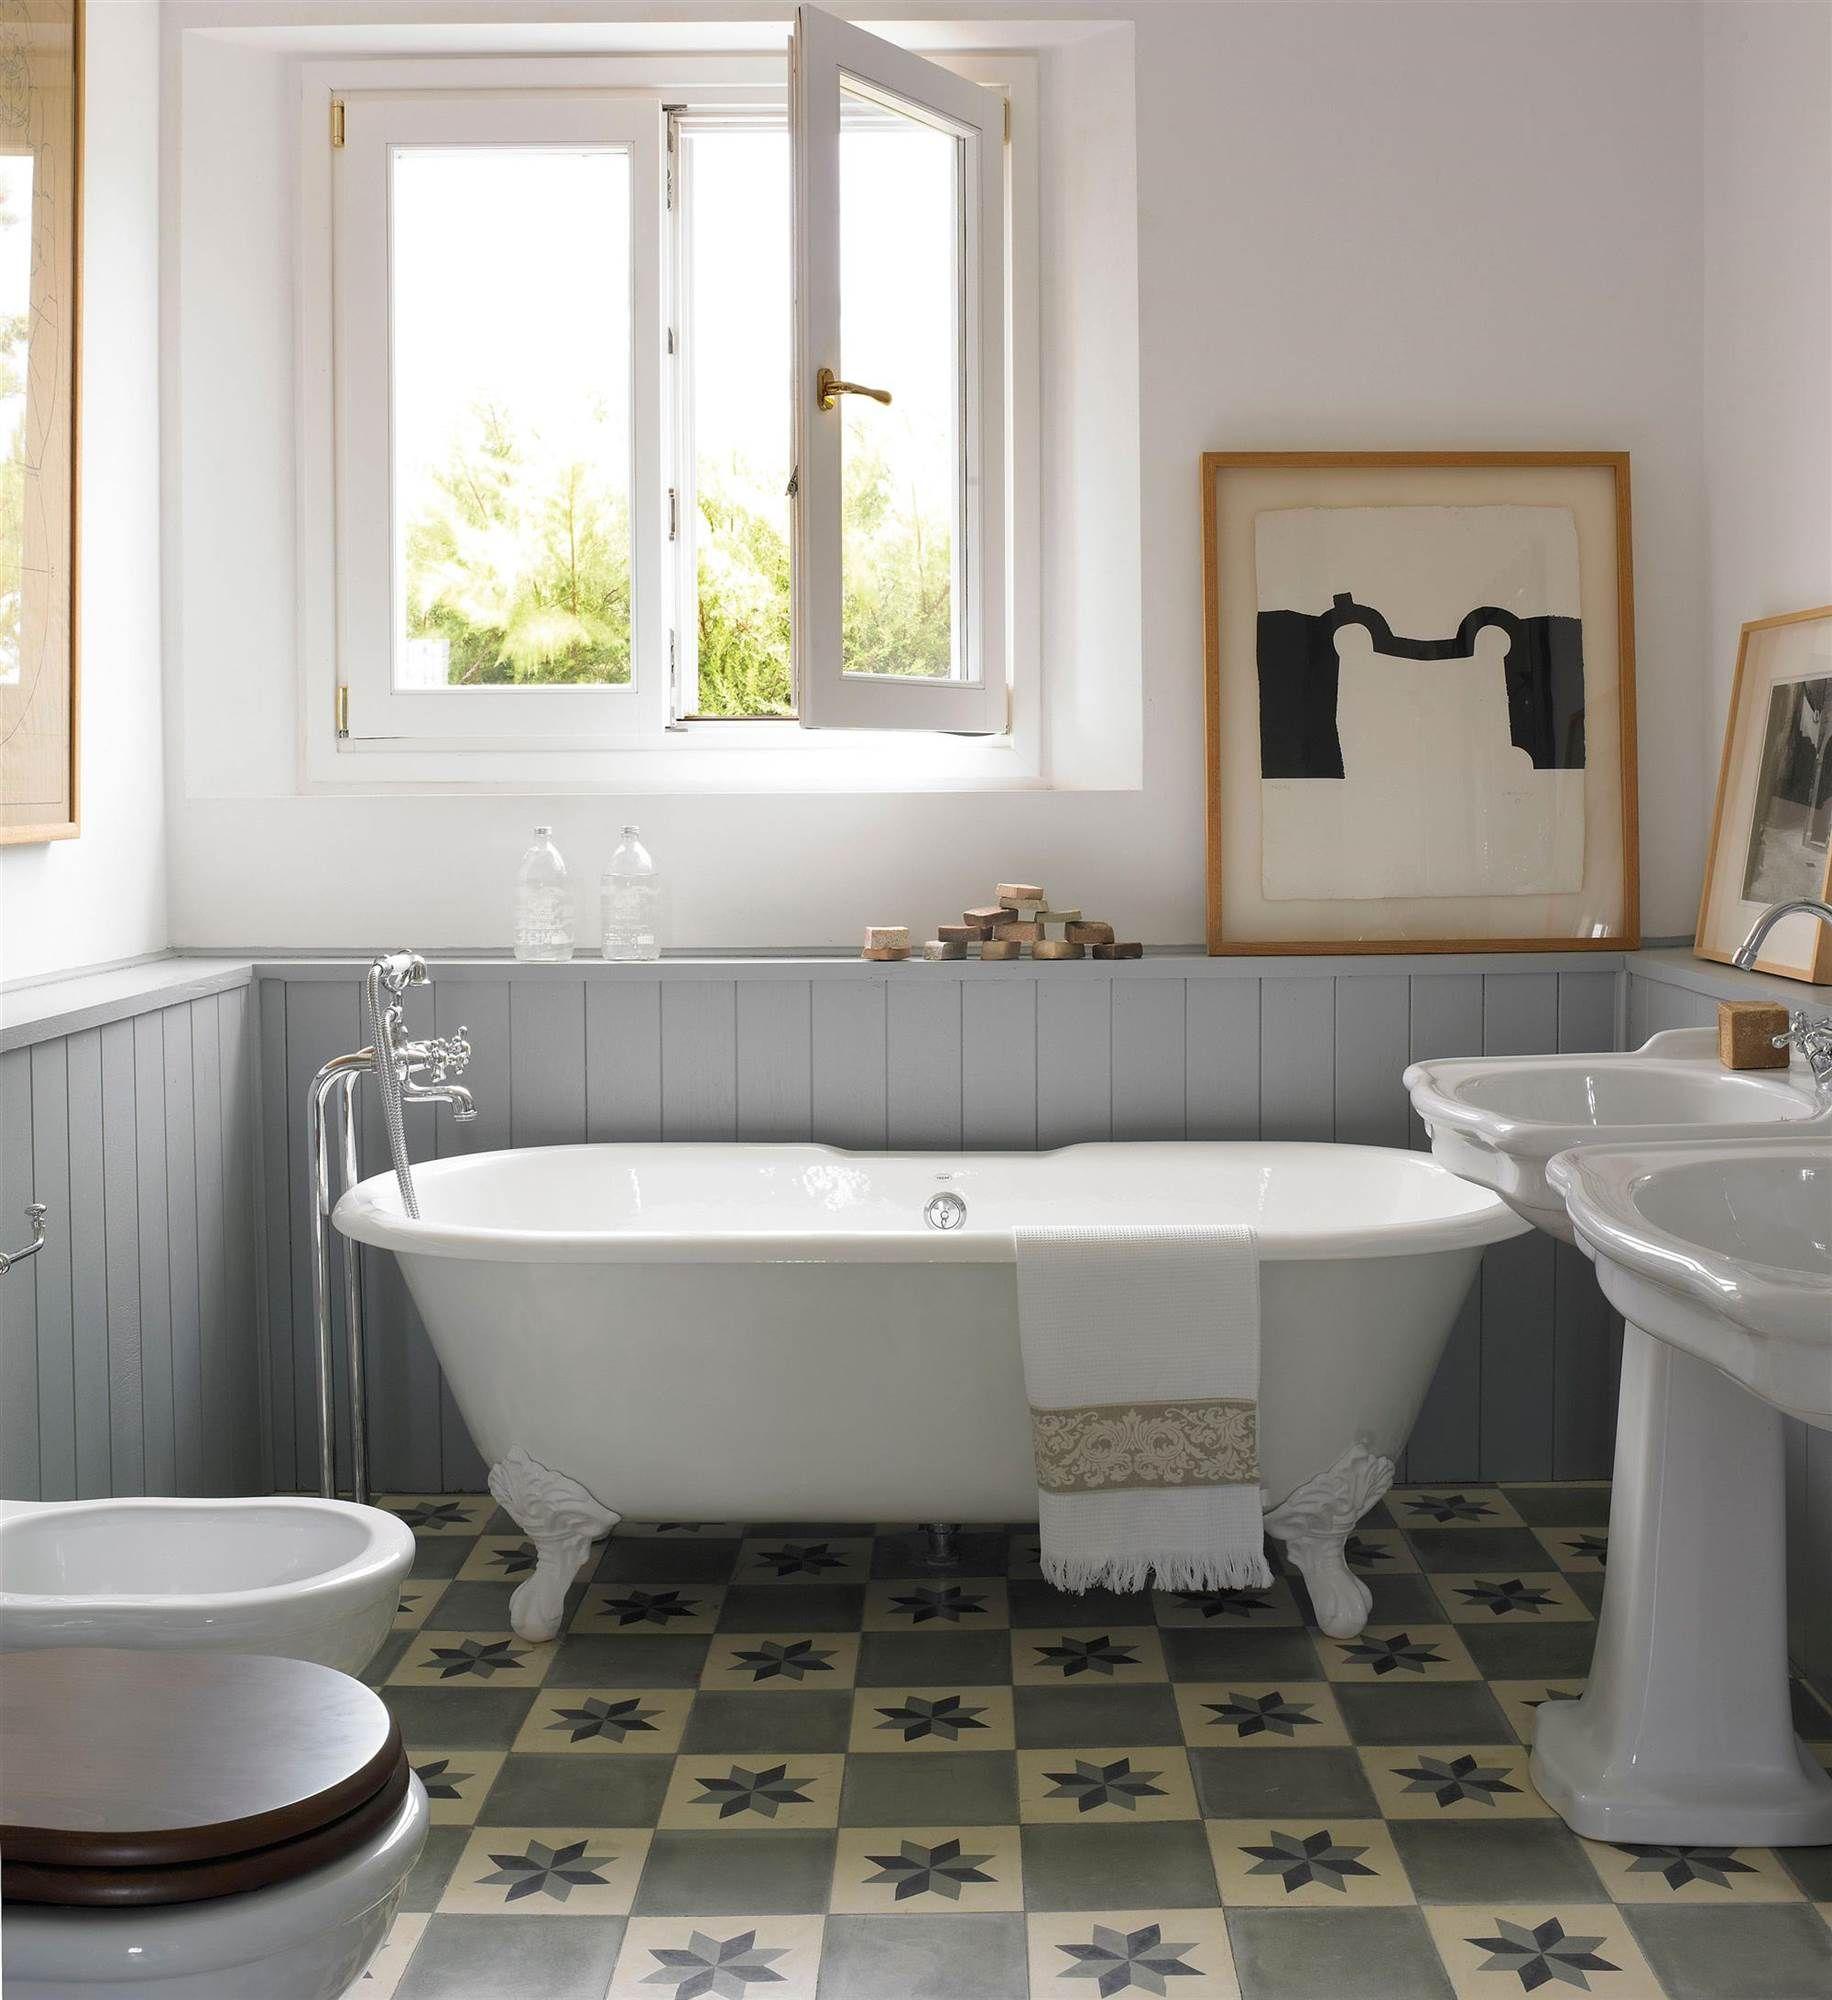 Suelos hidr ulicos ideas dise os y ejemplos bathrooms for Suelo hidraulico bano